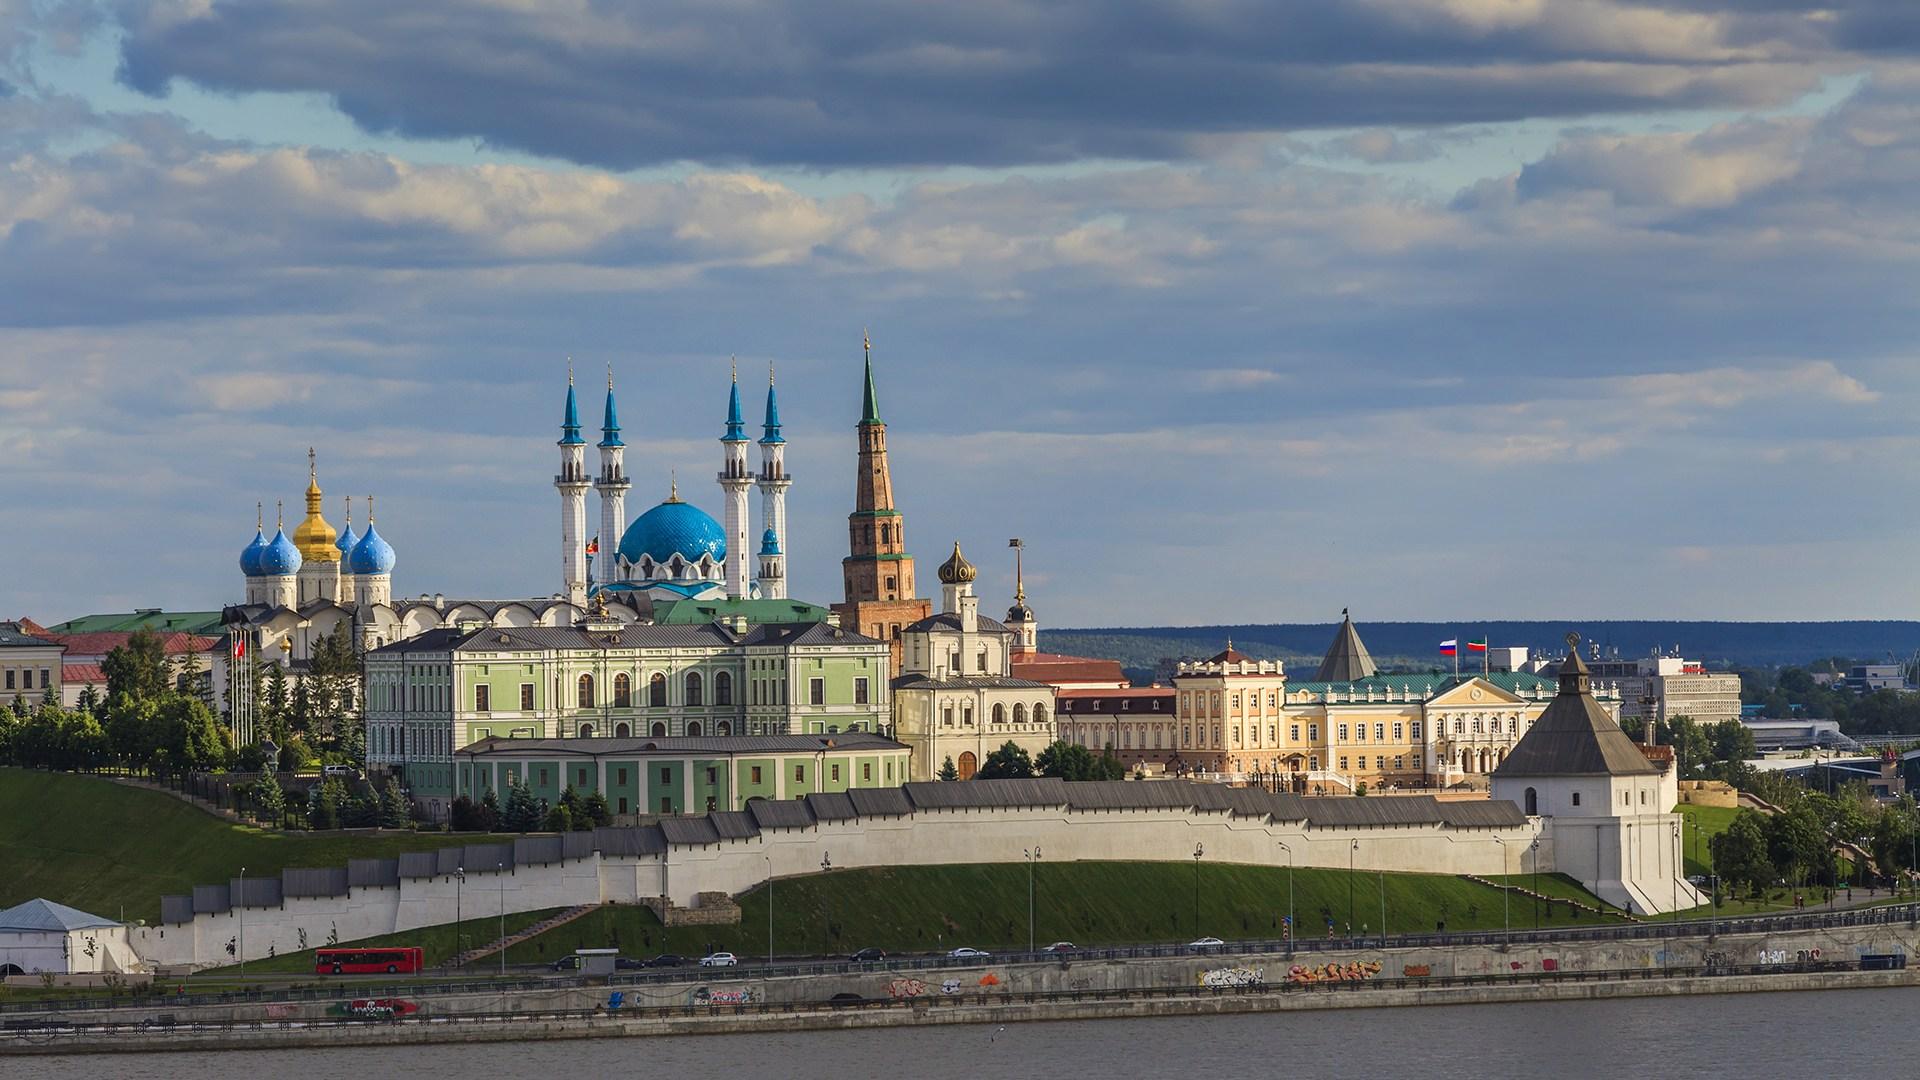 4 1 - Republica do tartaristão Rússia